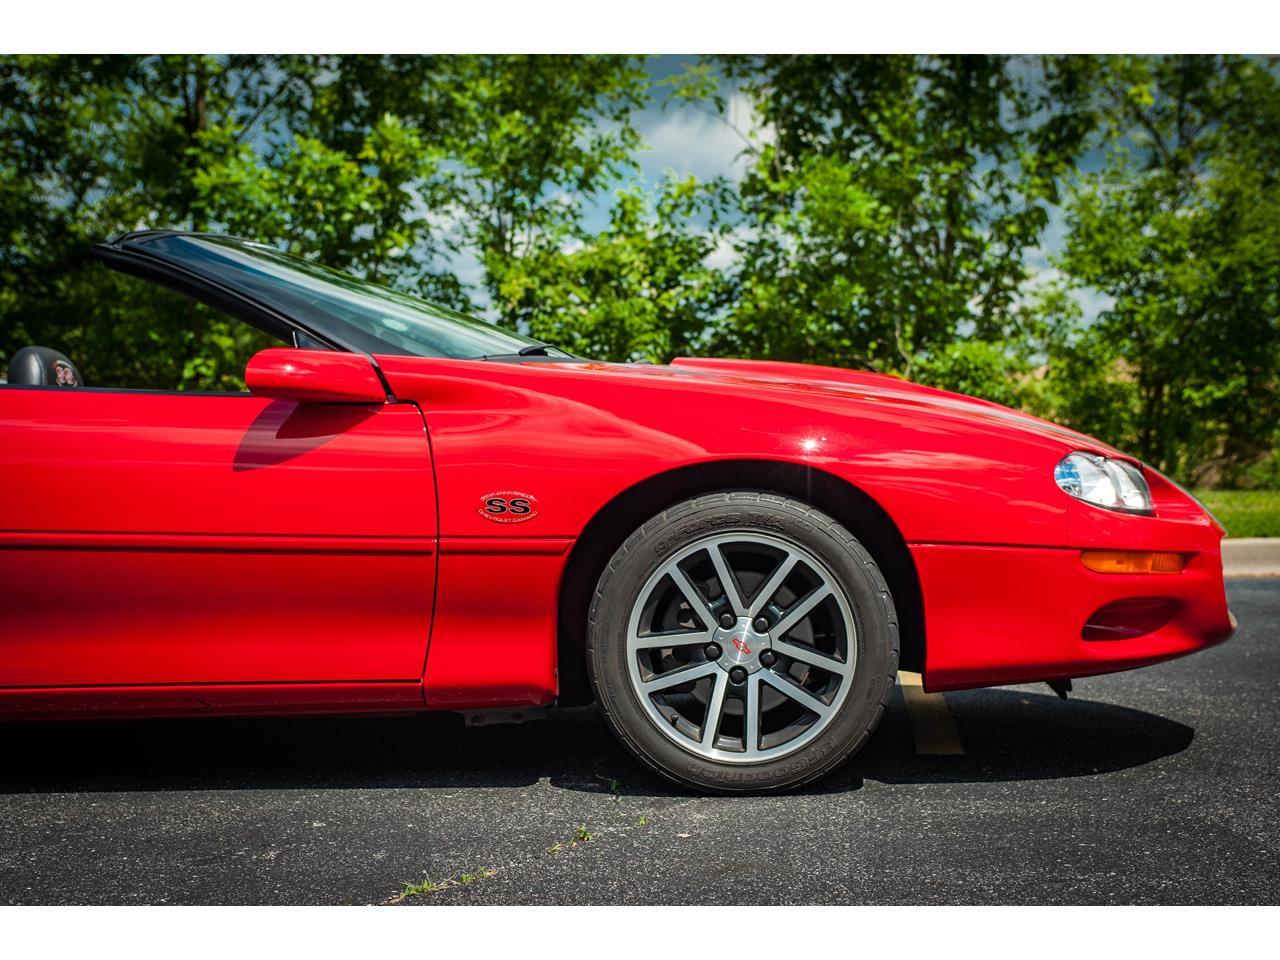 2002 Chevrolet Camaro (CC-1227671) for sale in O'Fallon, Illinois